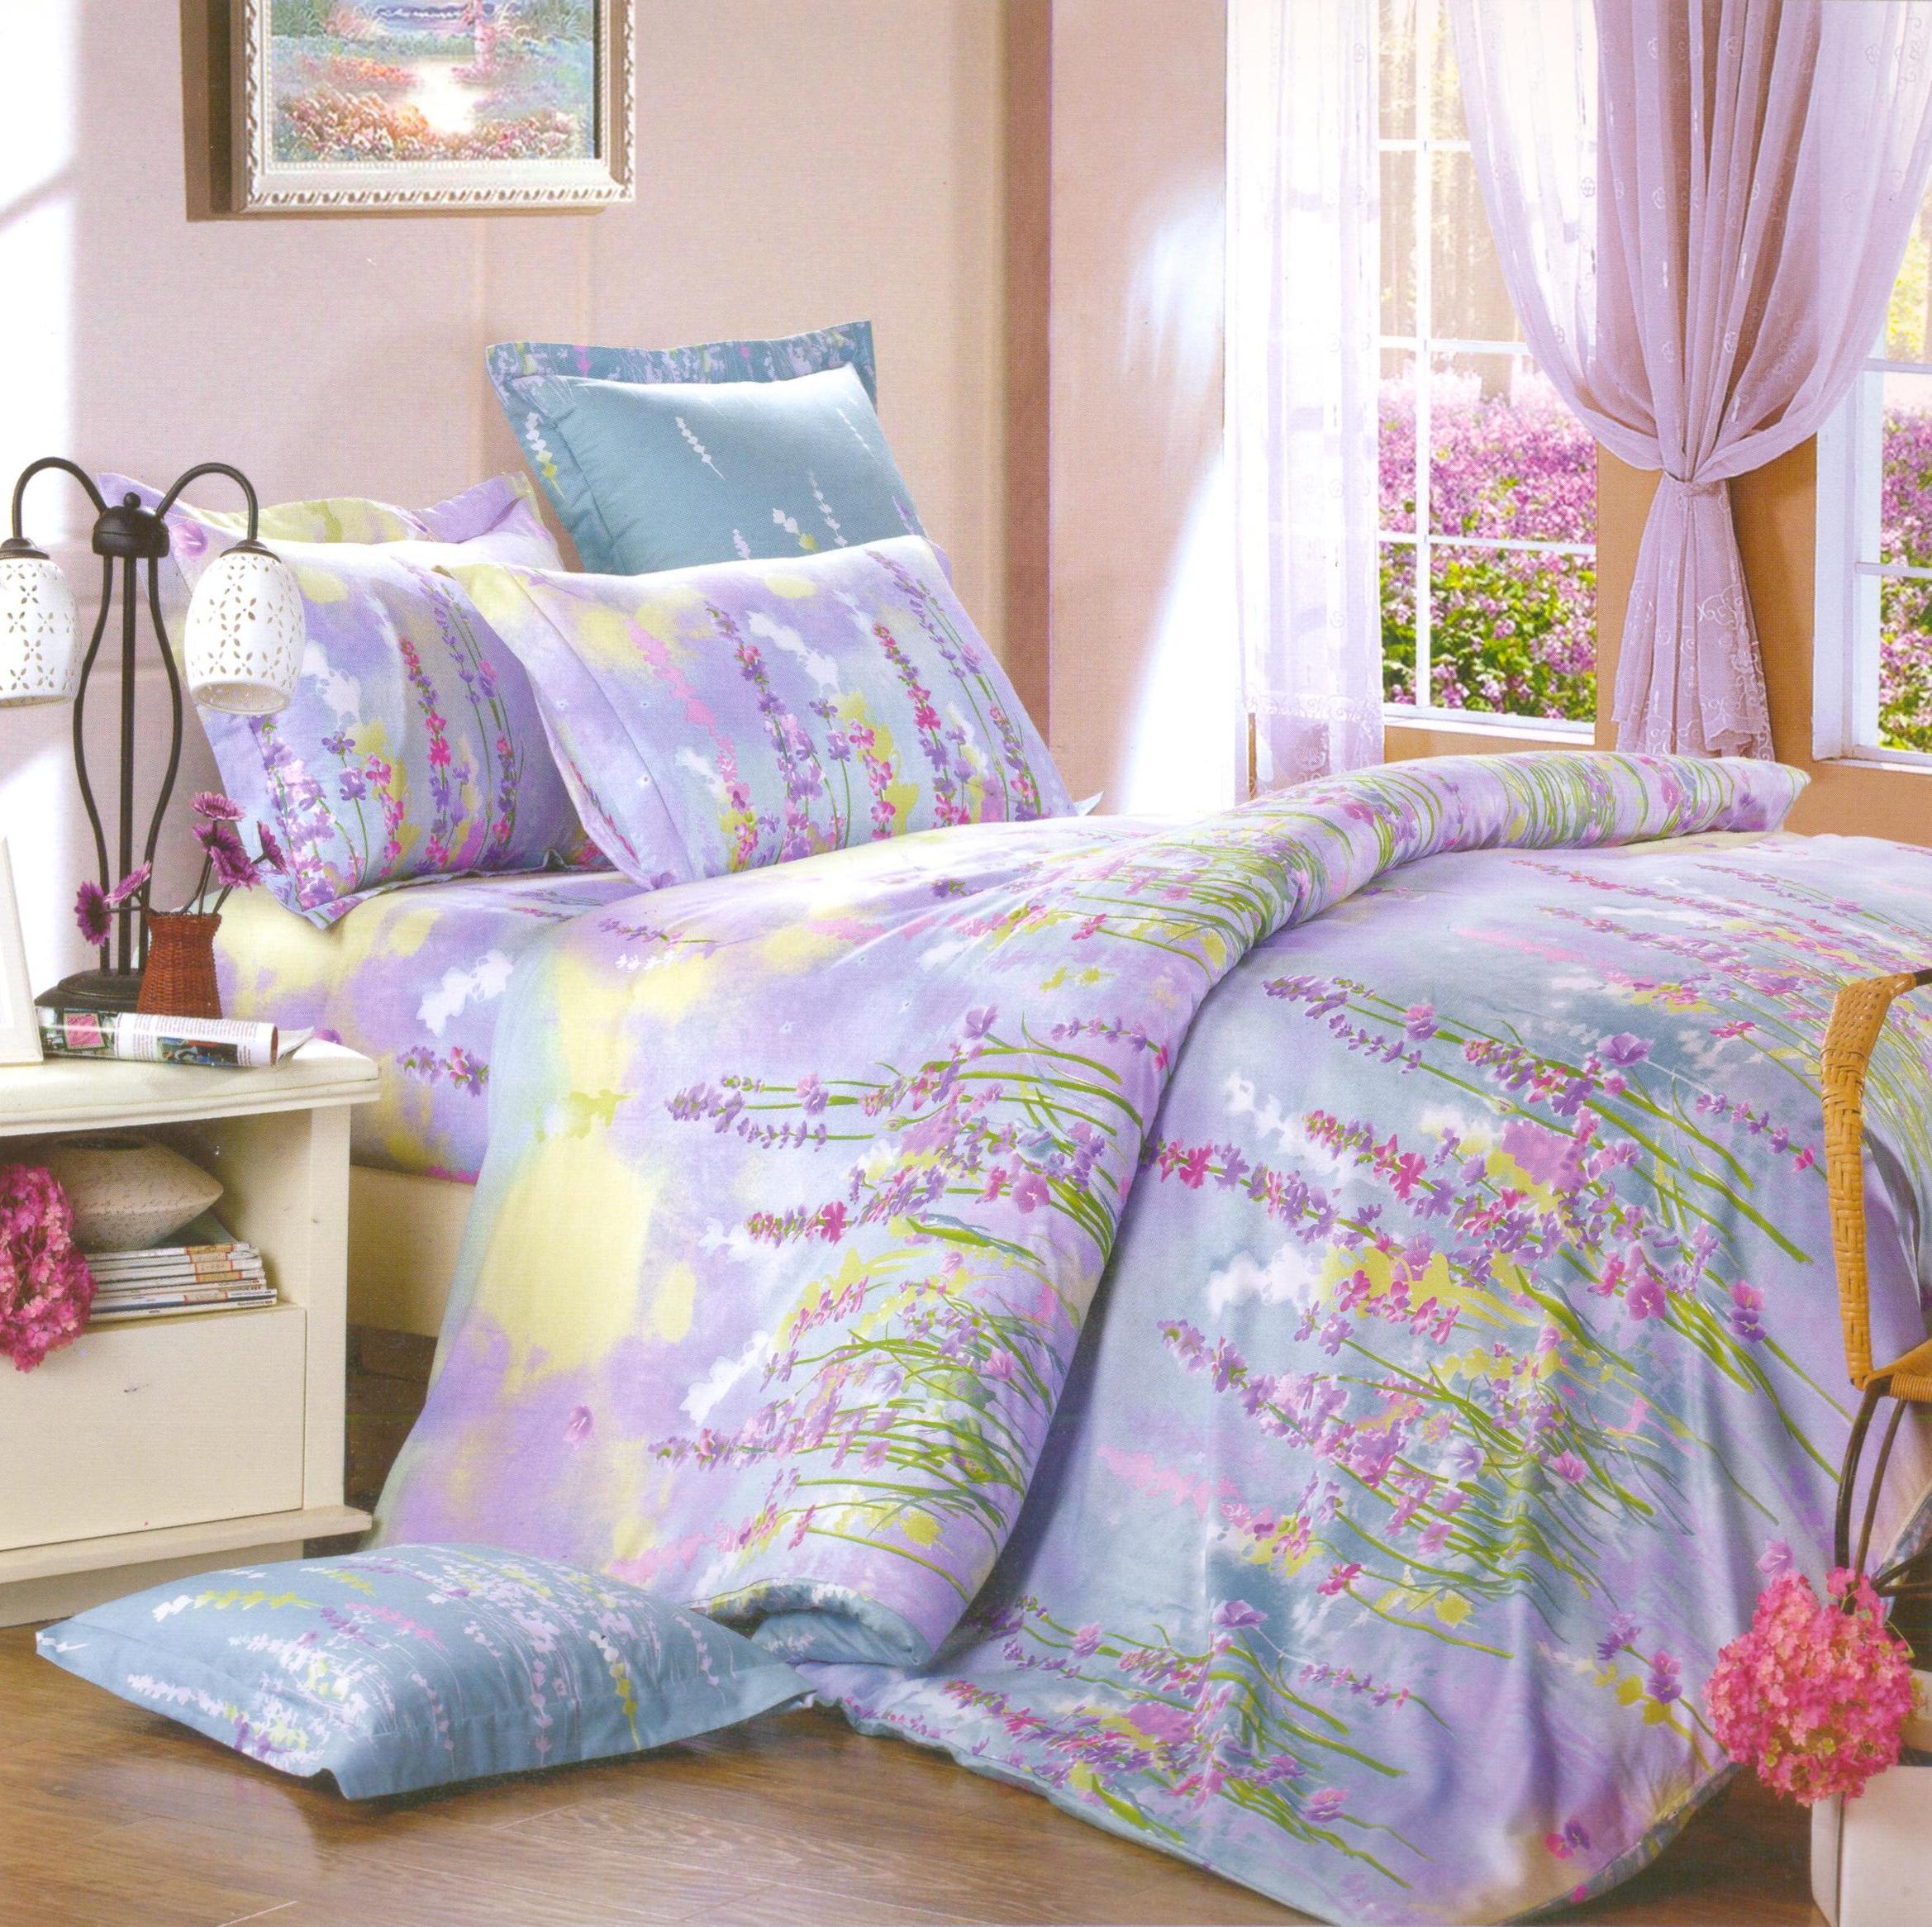 Купить Комплекты постельного белья СайлиД, Постельное белье Revi B-143 (2 спал.), Китай, Сиреневый, Хлопковый сатин